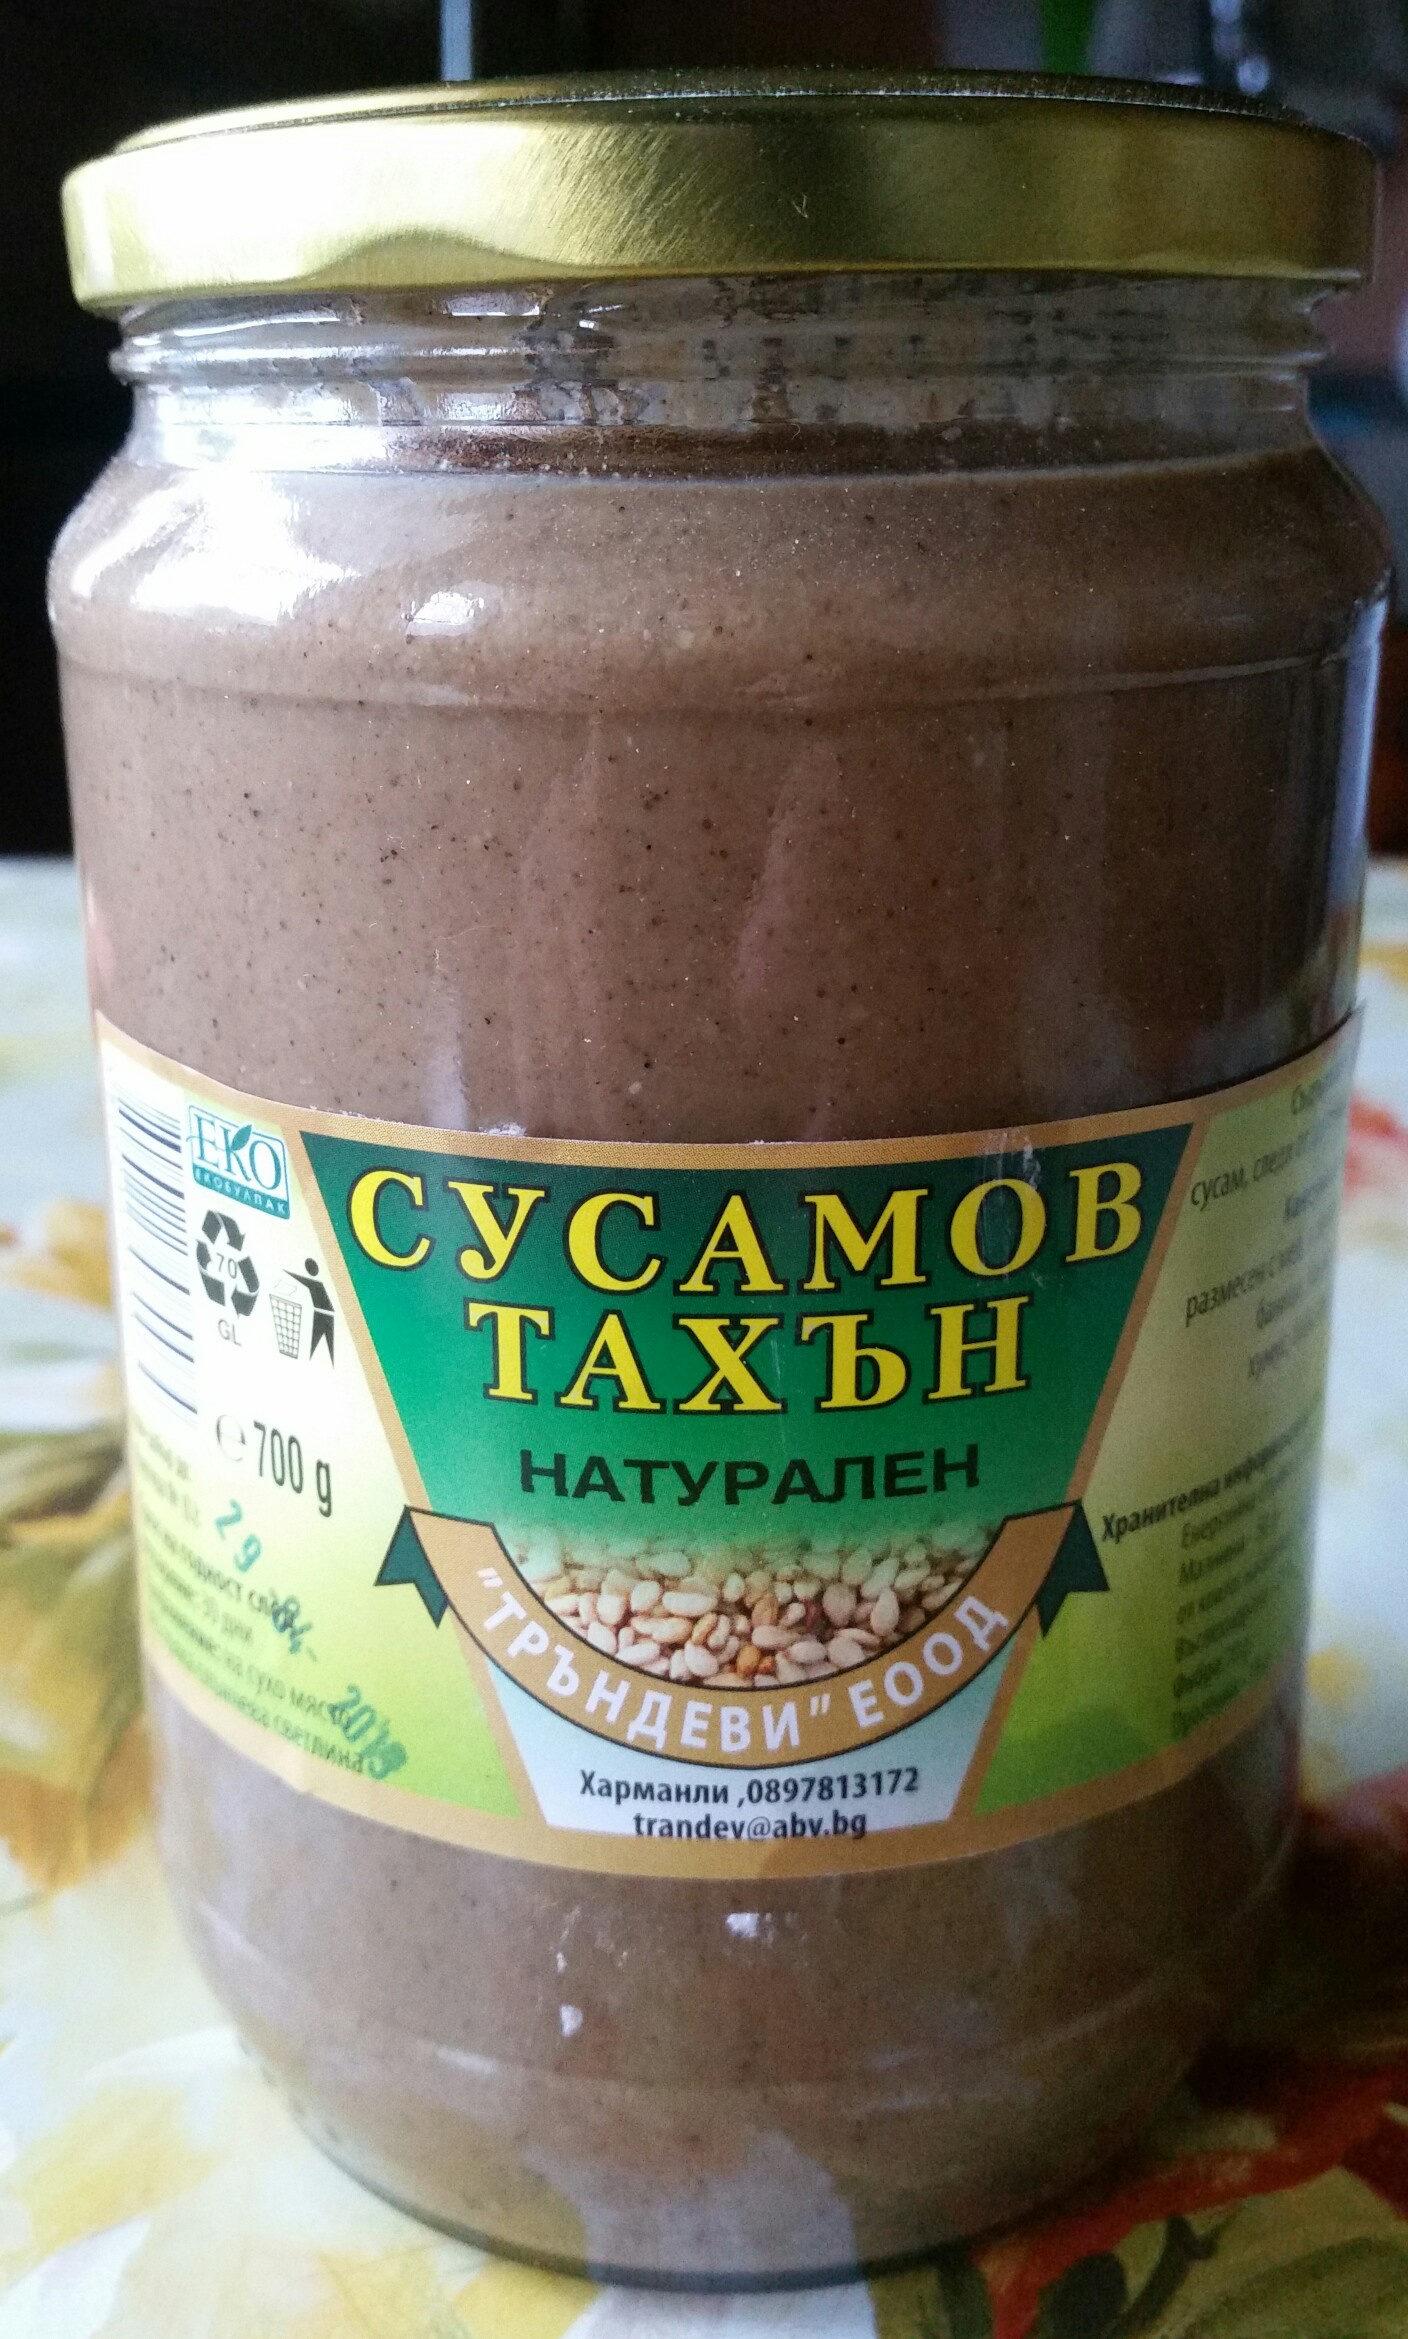 Сусамов тахън - Продукт - en